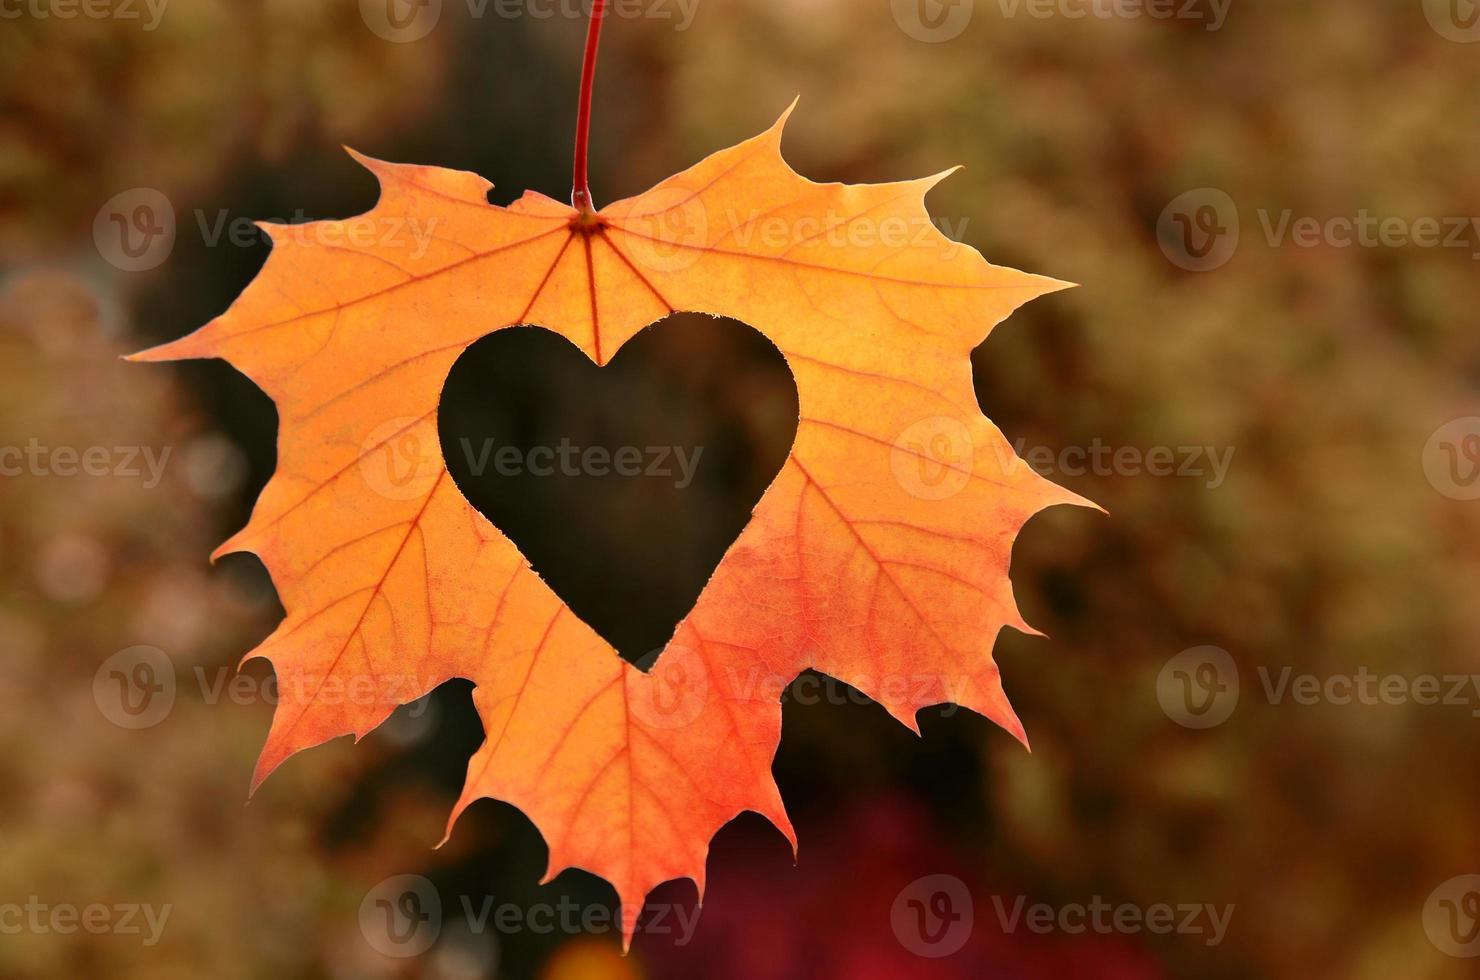 corazón en hoja de otoño sobre un fondo de naturaleza. foto